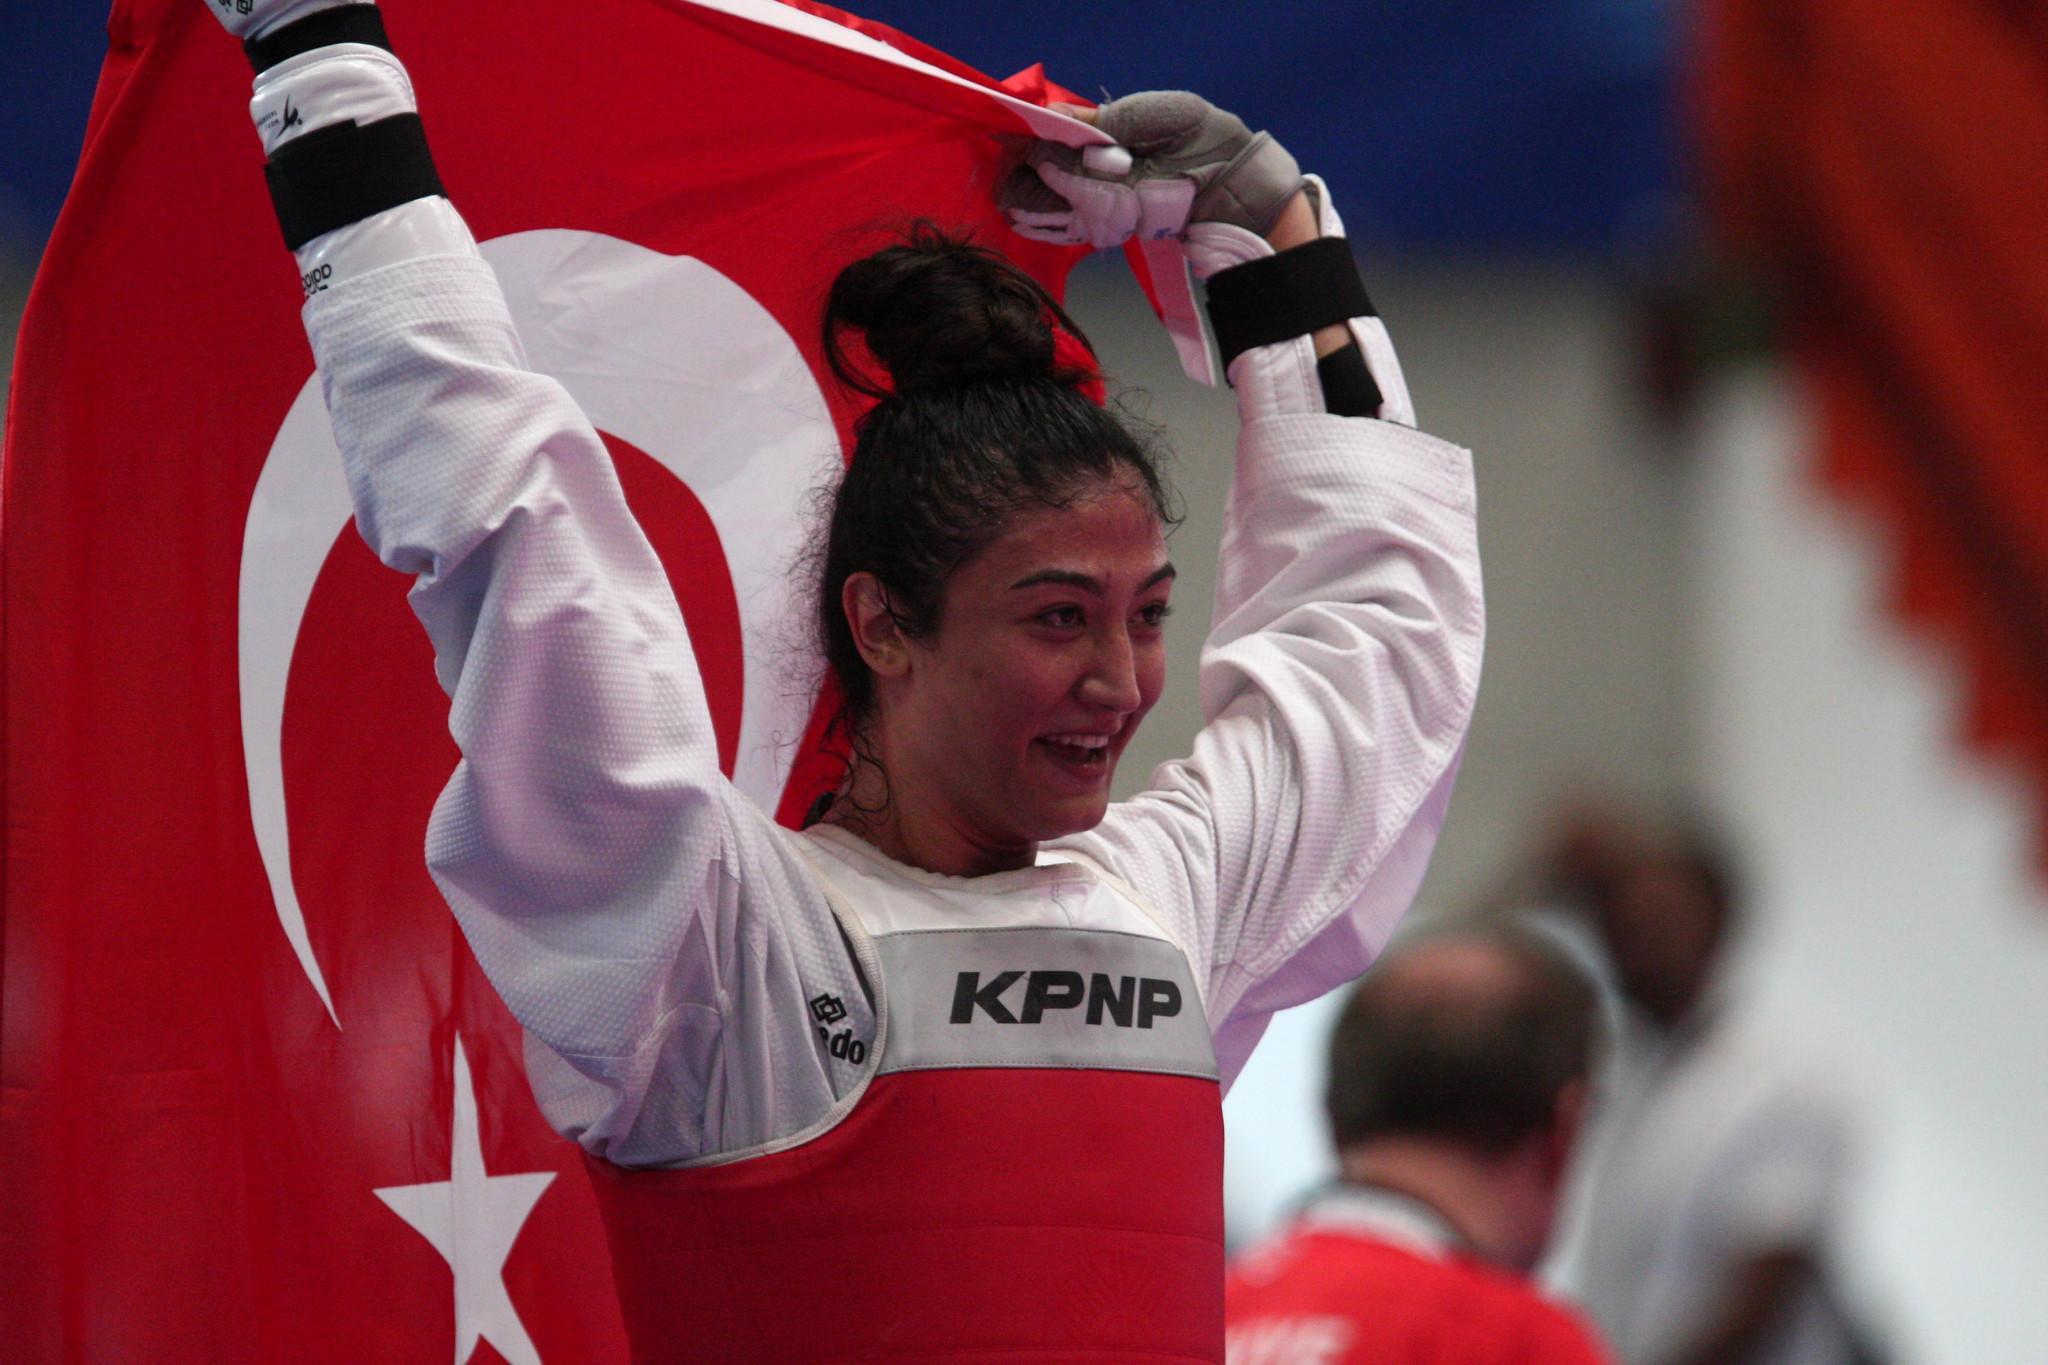 Turkey take two golds in taekwondo at Naples 2019